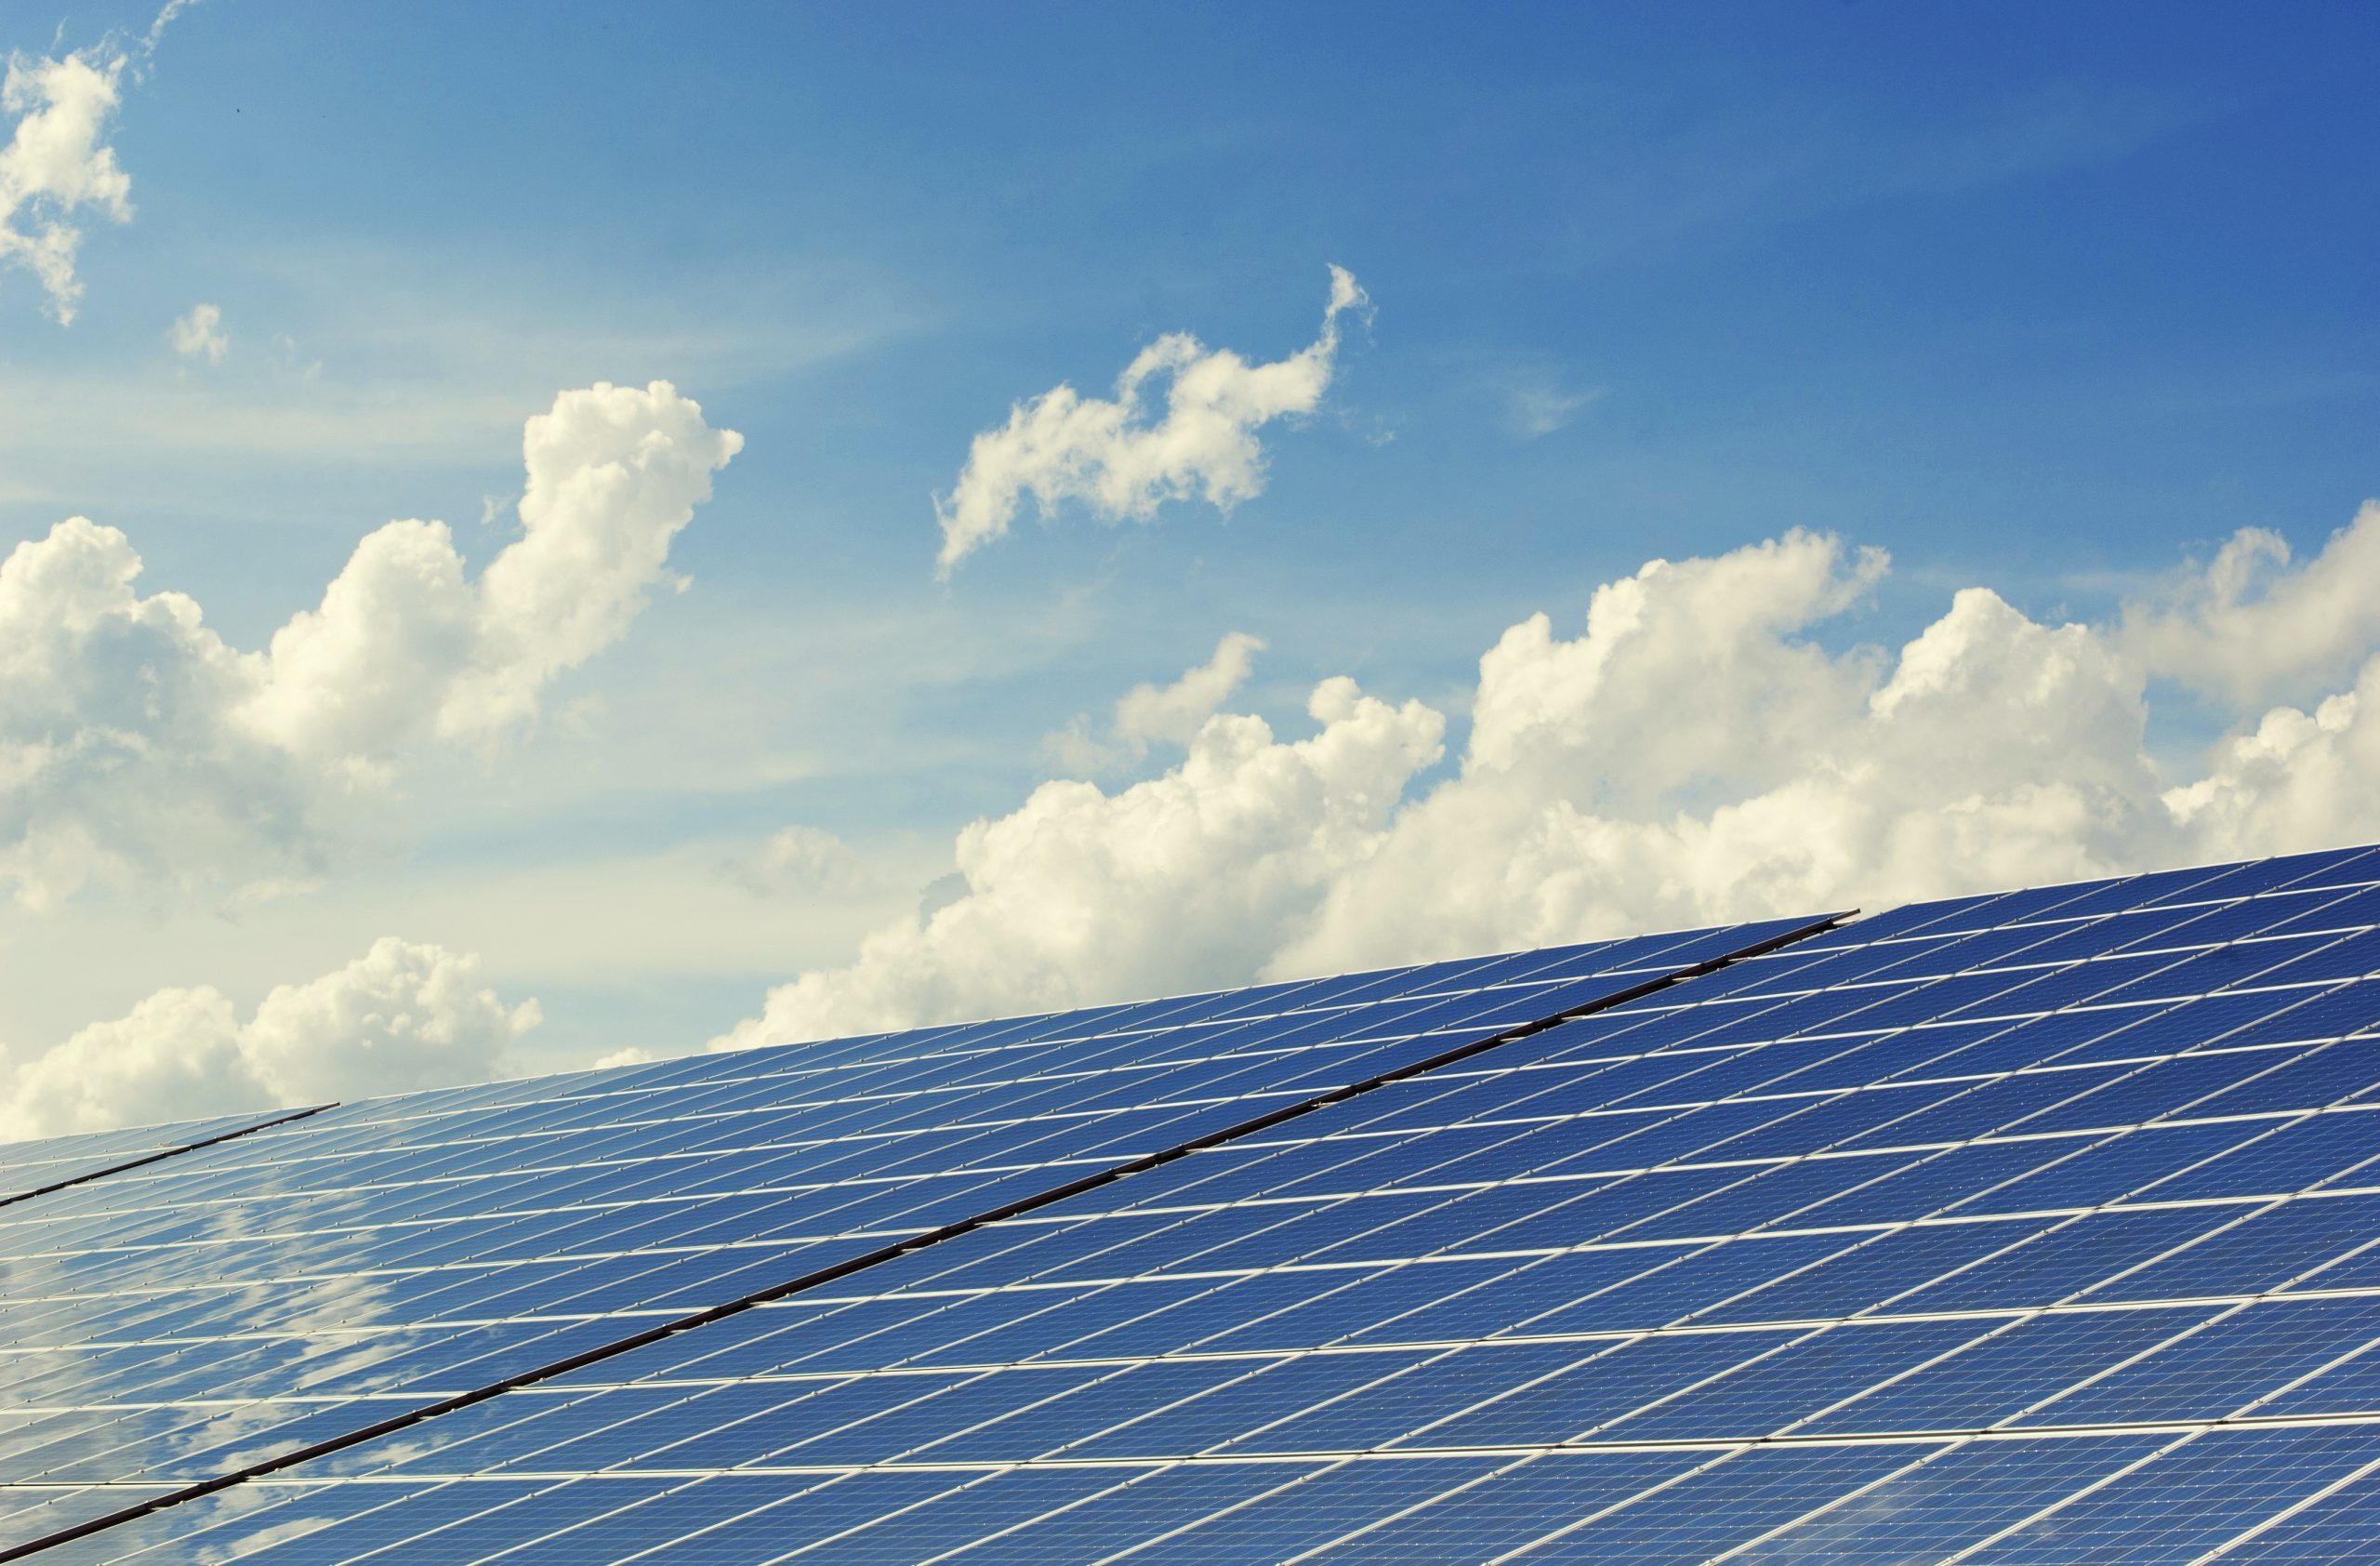 Jól is járhatunk a napelemes bruttó elszámolással?